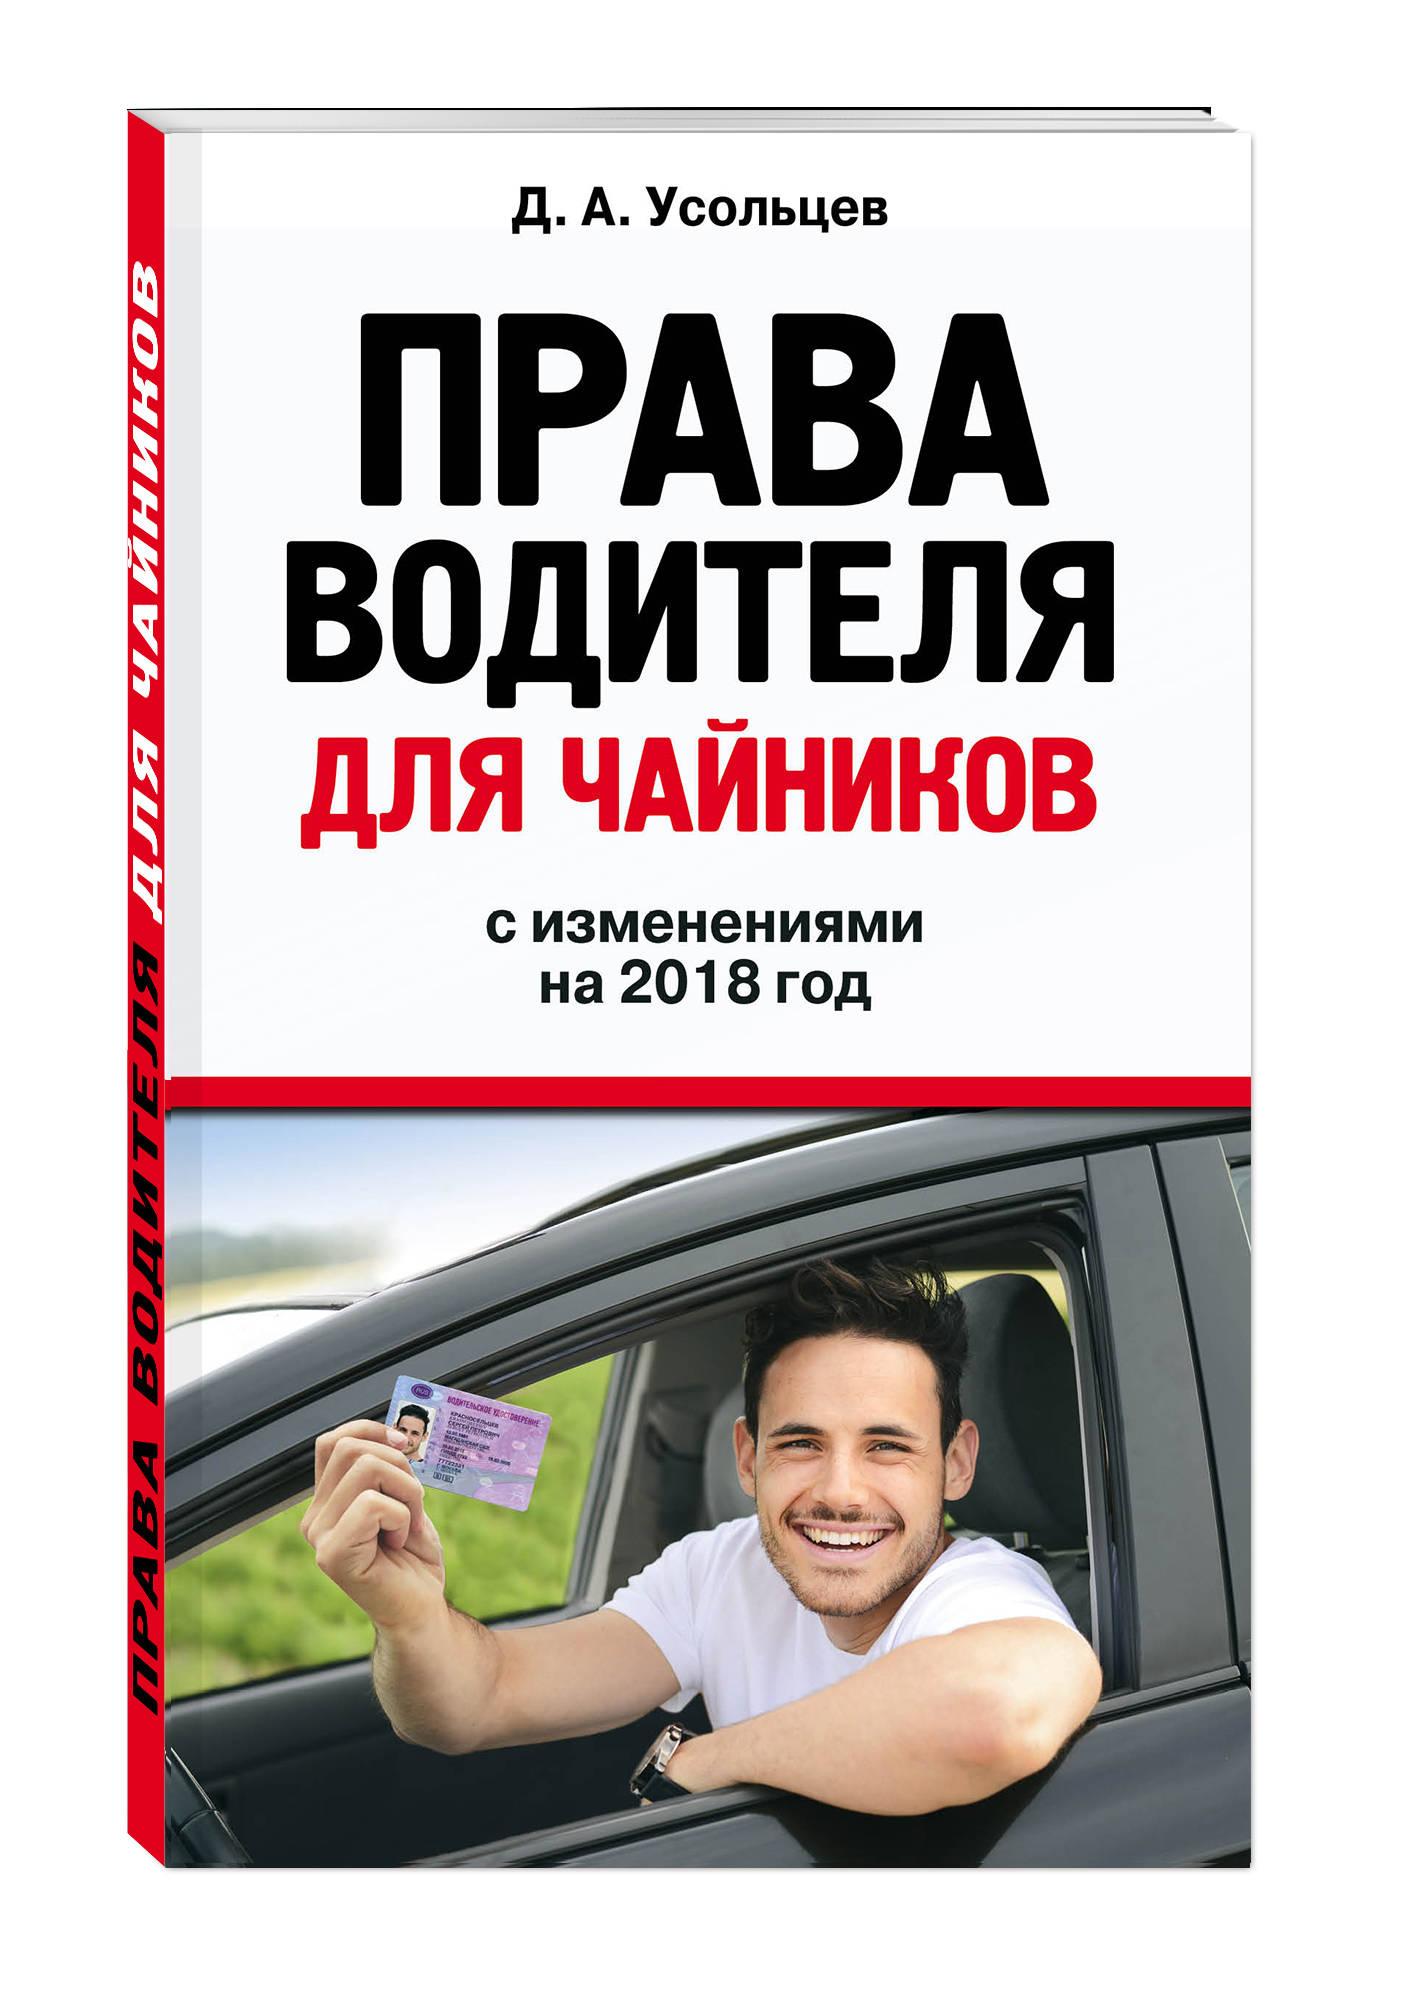 Усольцев Д.А. Права водителя для чайников. С изм. на 2018 год д а усольцев права водителя для чайников с изменениями на 2018 год